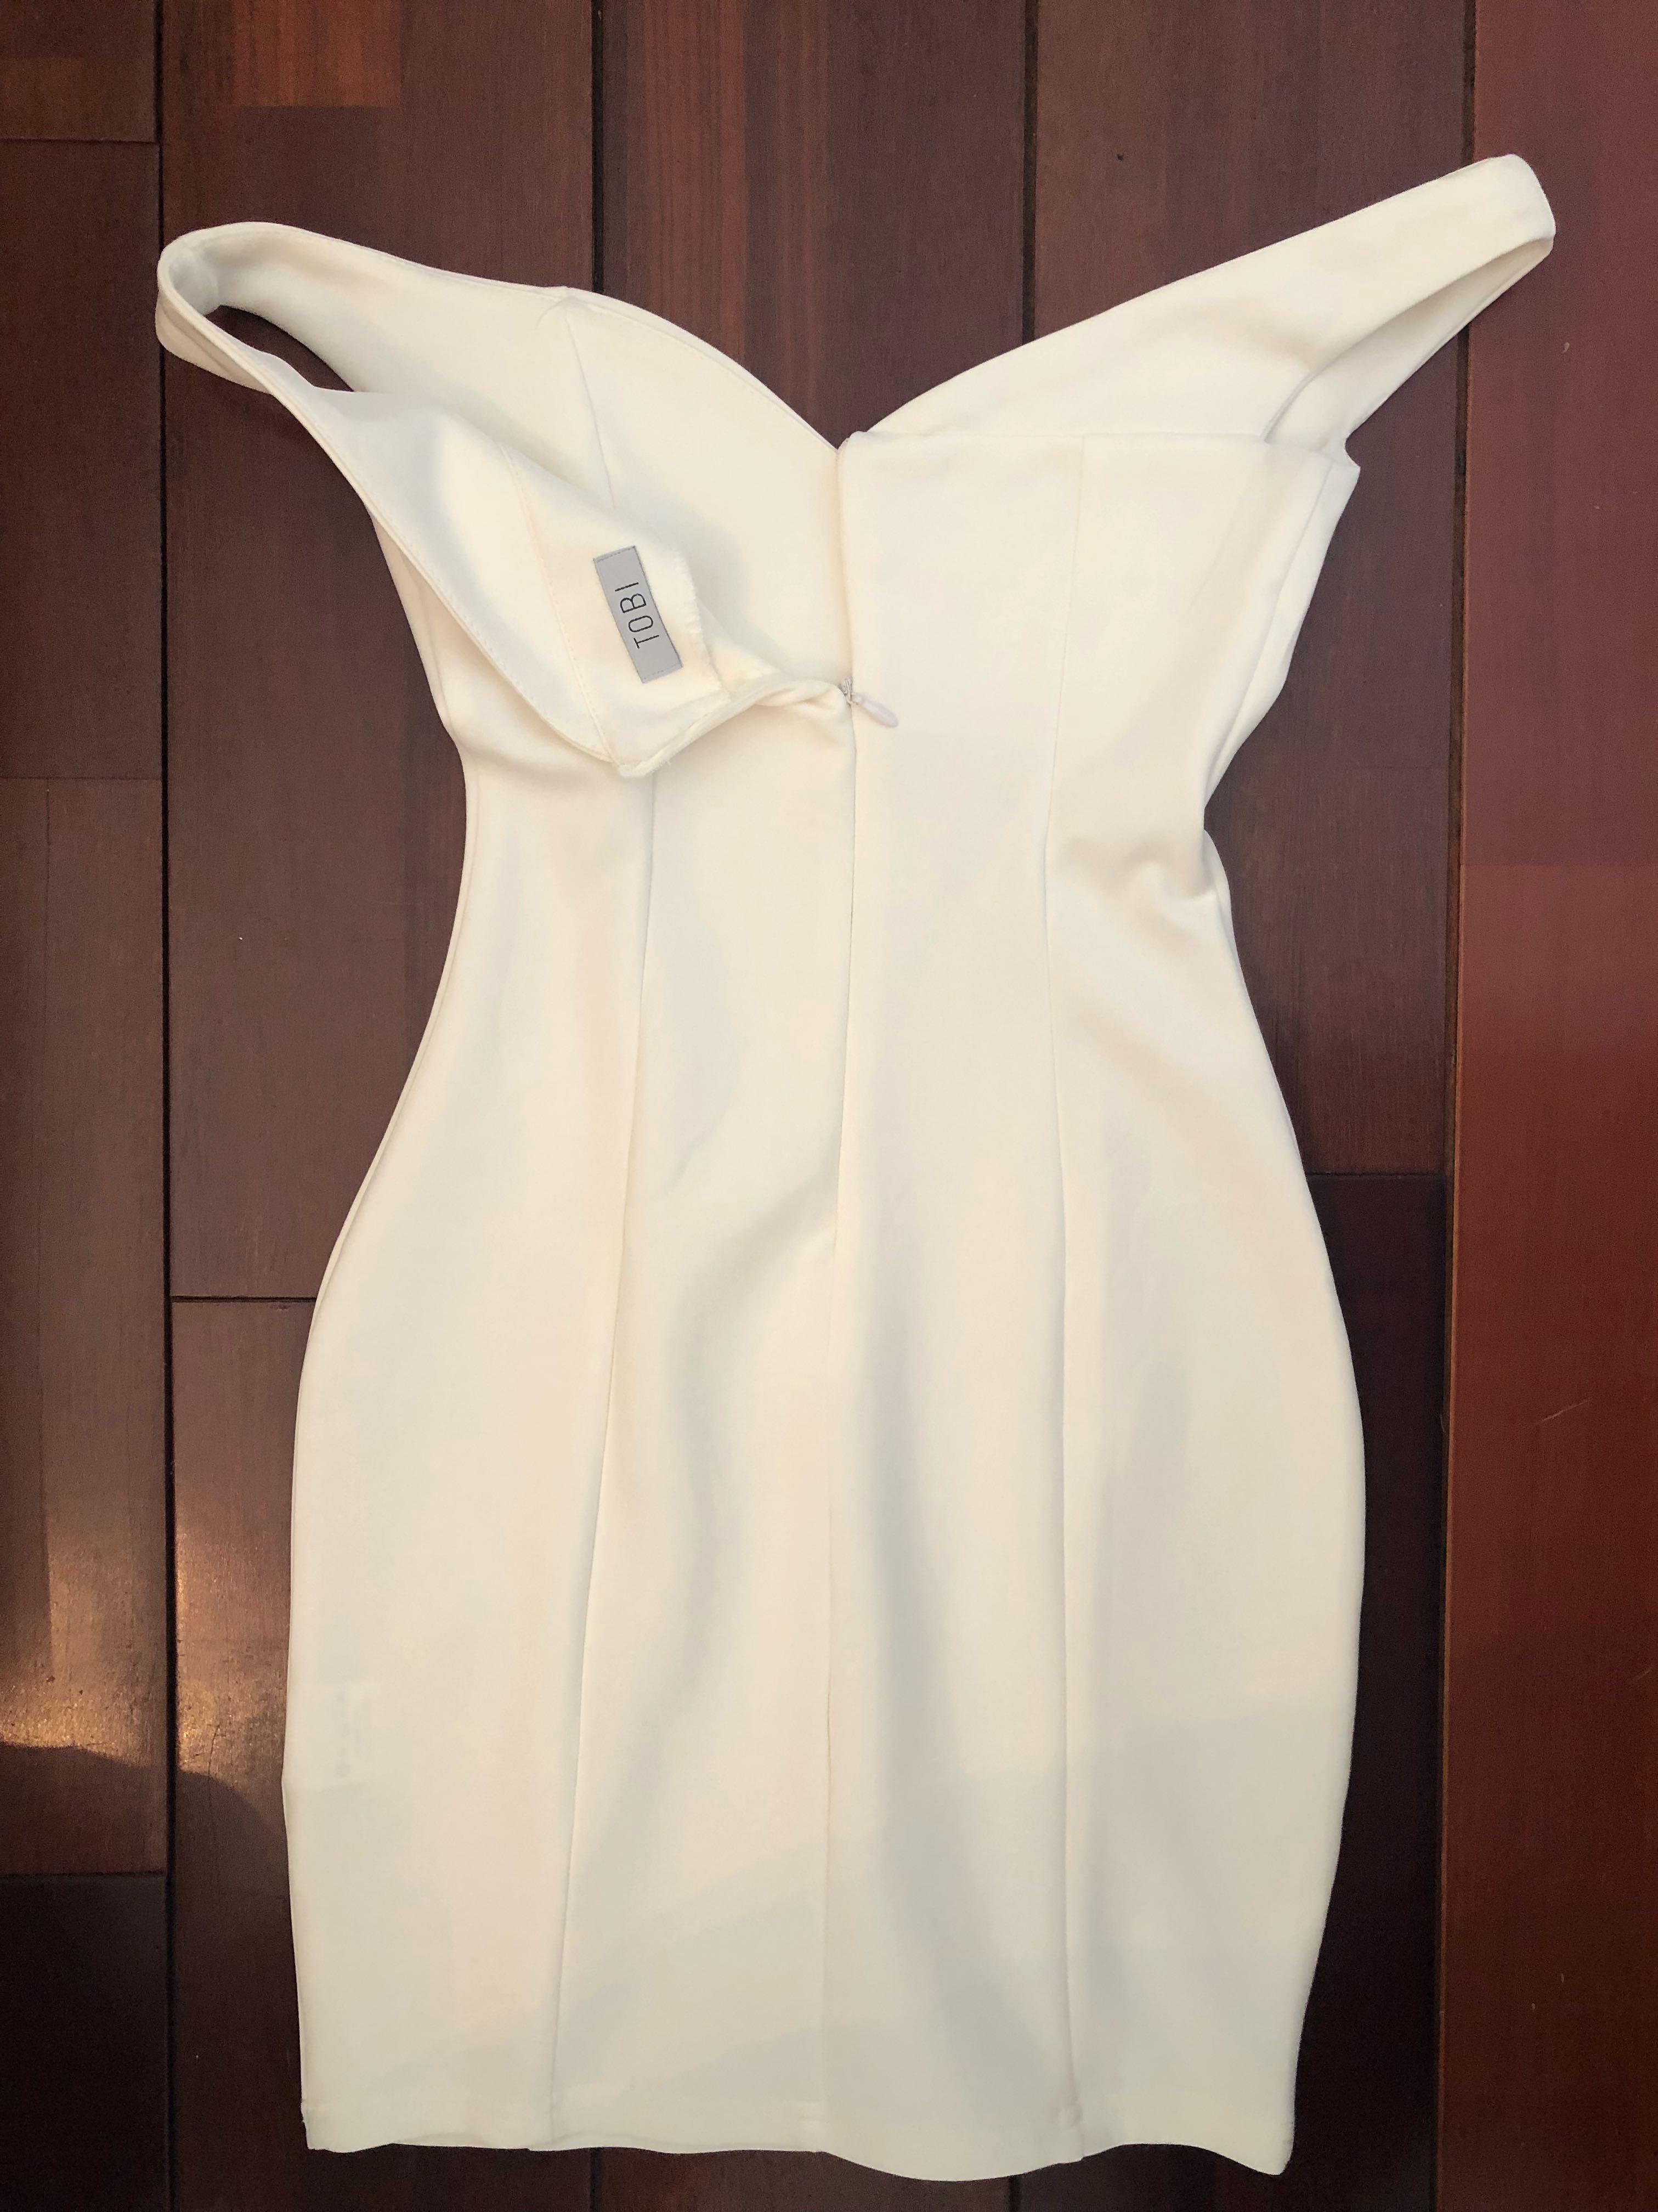 TOBI Bardot Mini White Dress